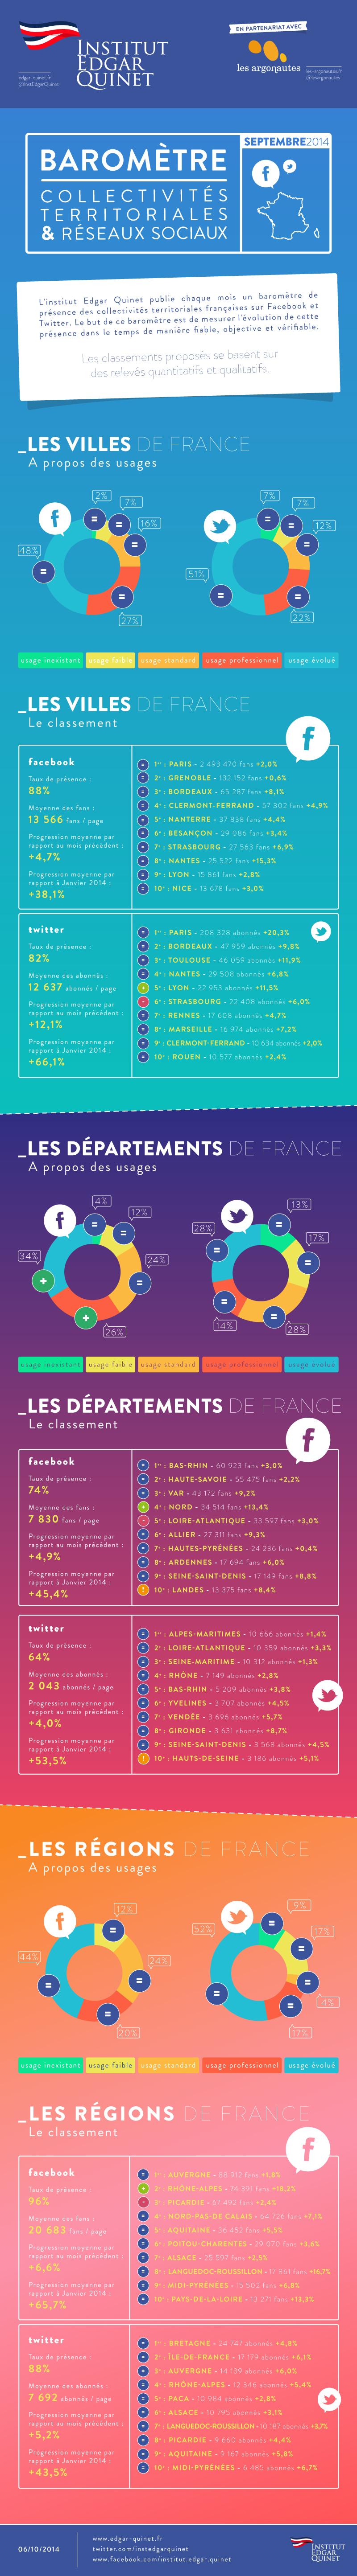 http://www.edgar-quinet.fr/wp-content/uploads/2014/10/20141006_SEPTEMBRE_infographie_reseauxsociaux_et_collectivitesterritoriales.jpg